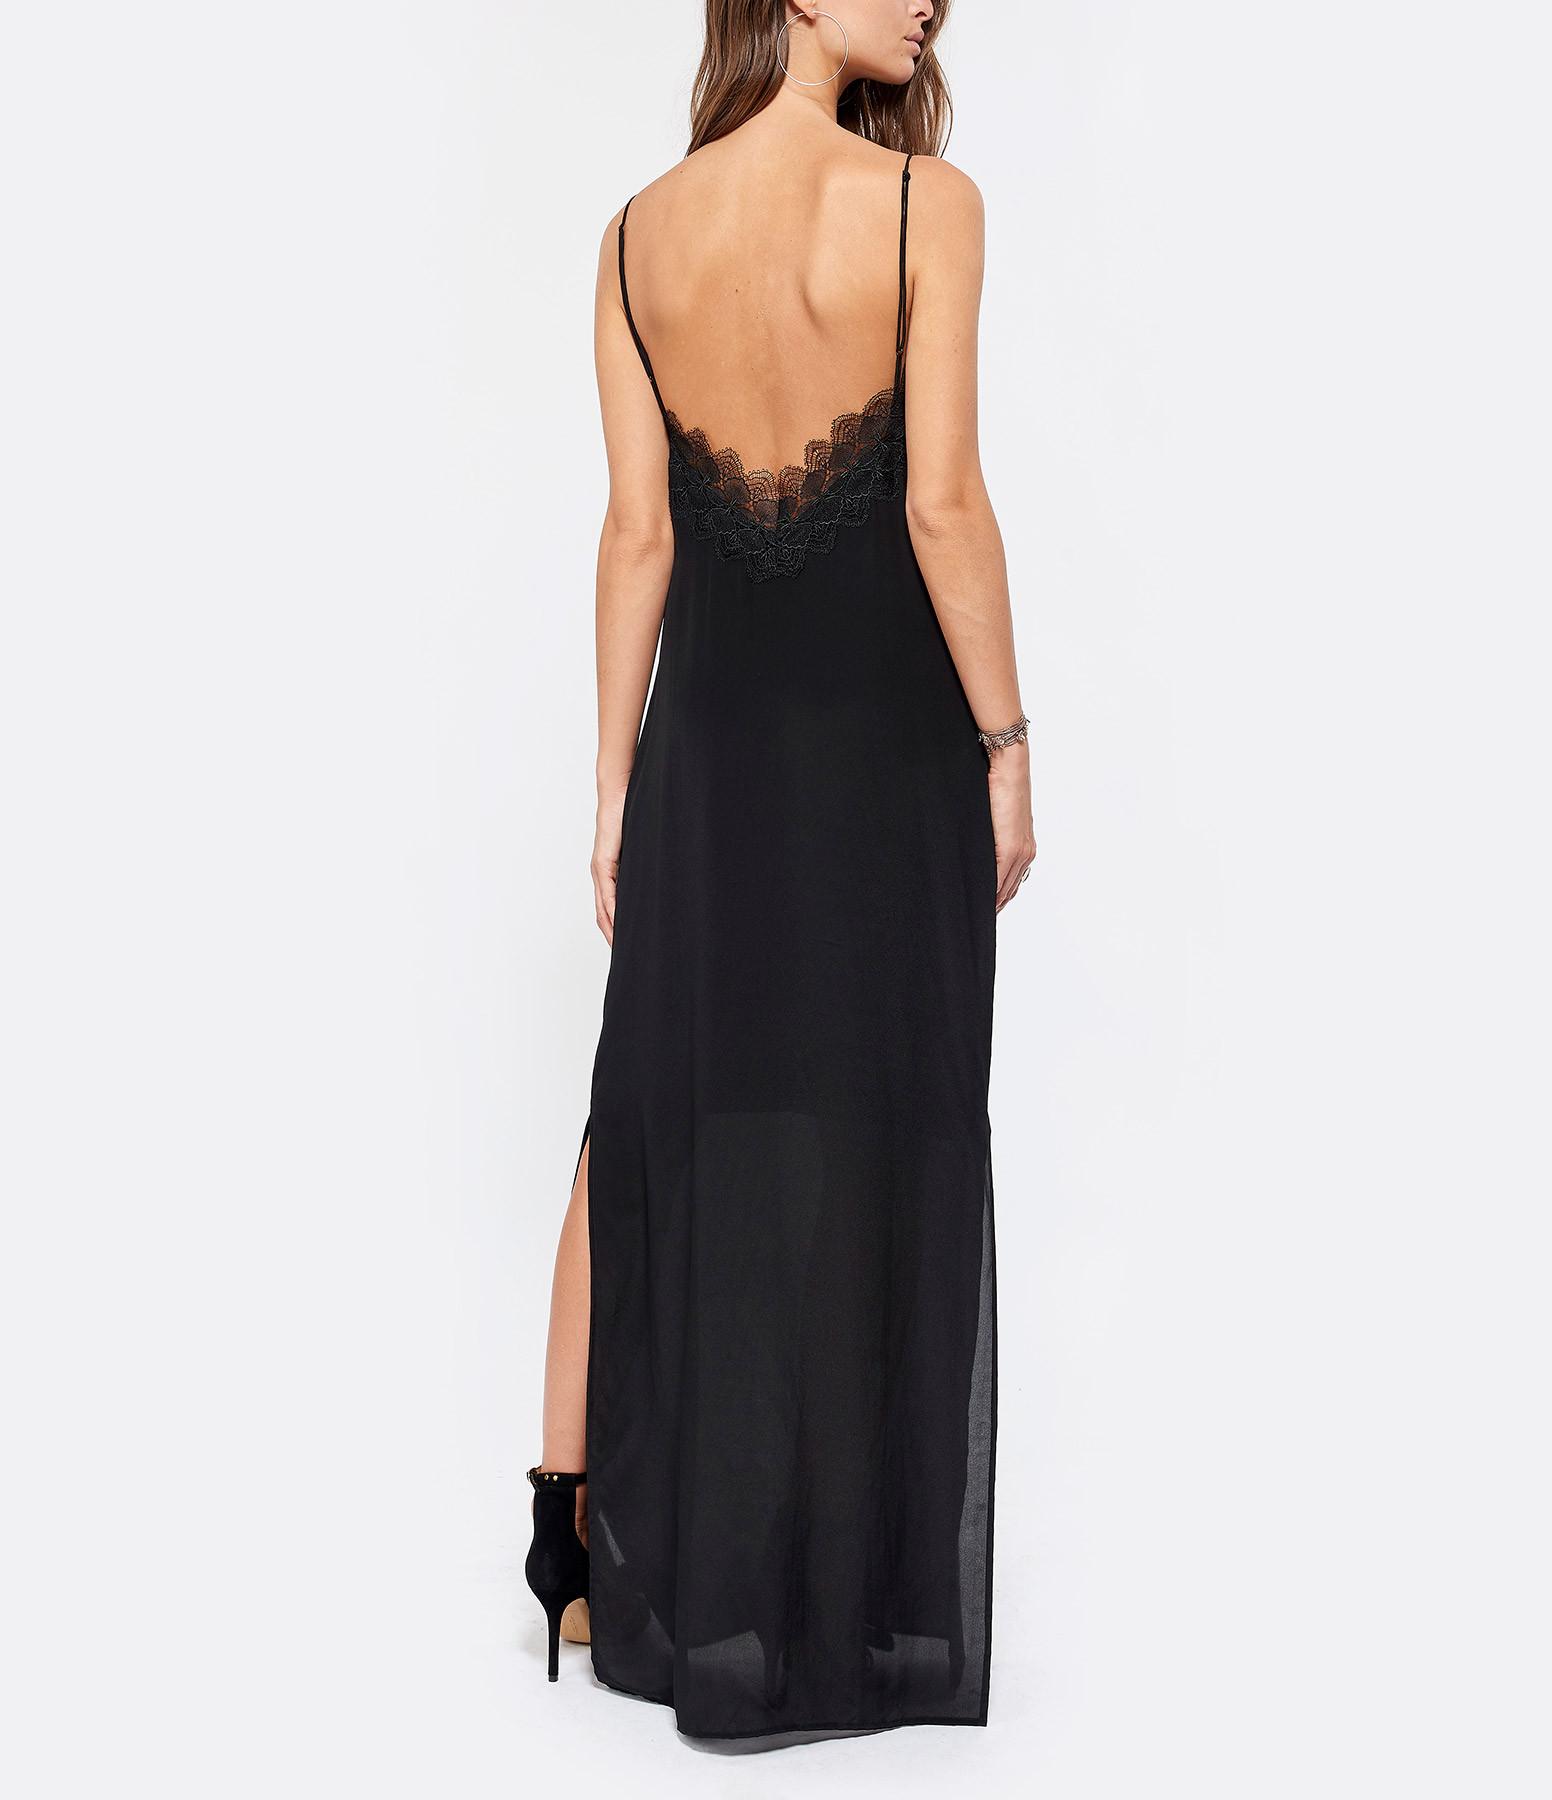 MAGALI PASCAL - Robe Longue Loretta Soie Noir